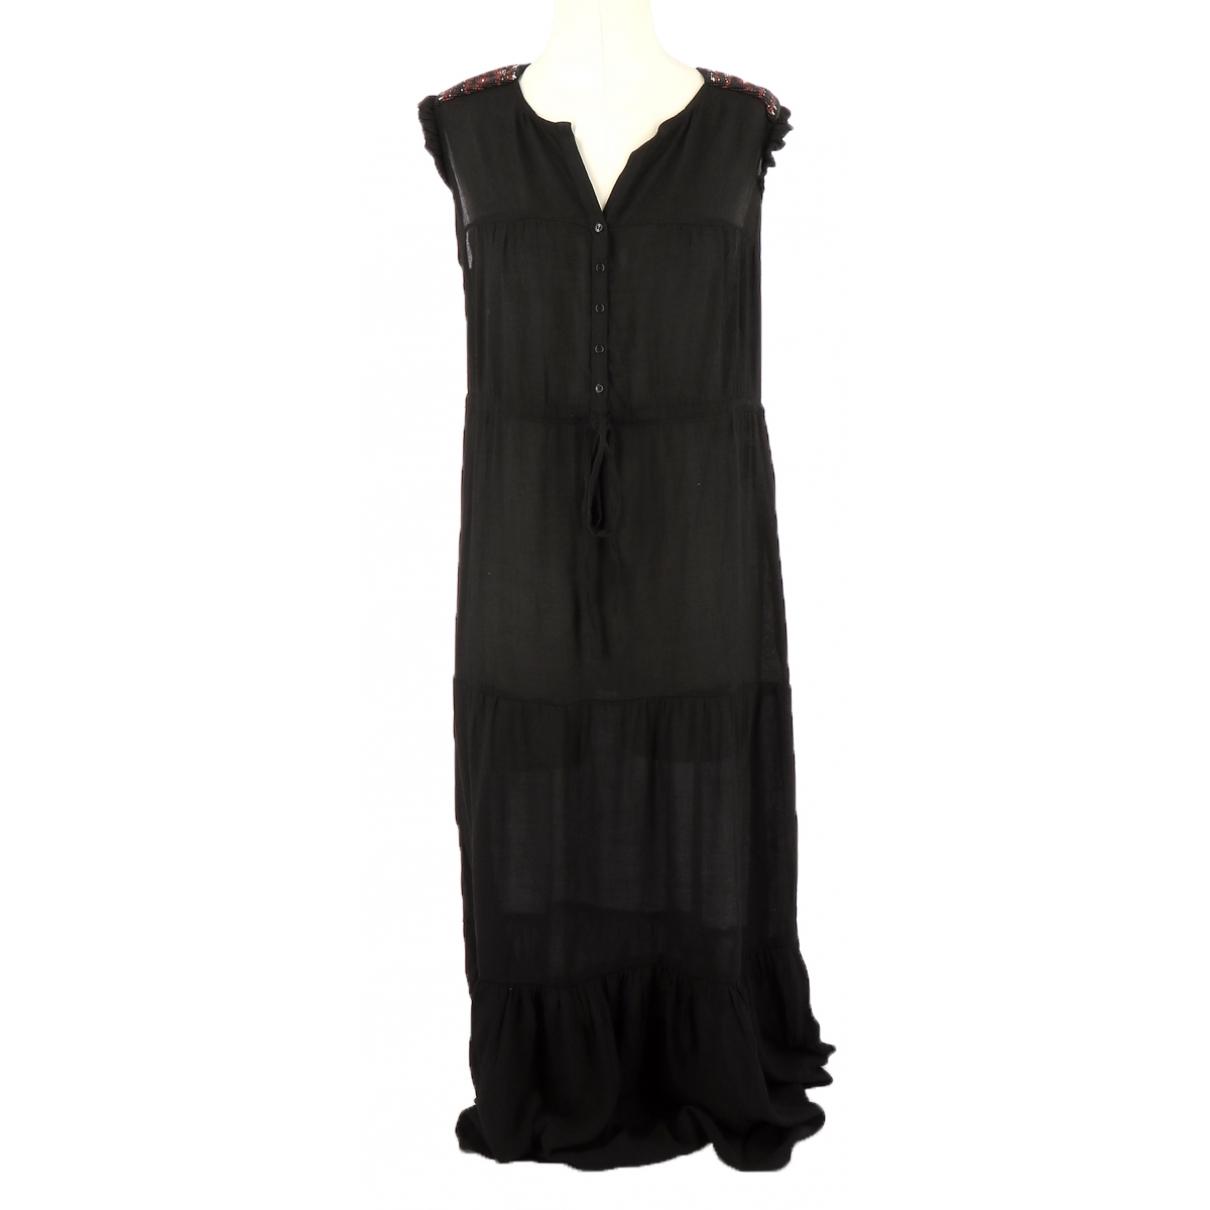 Sandro \N Black dress for Women 1